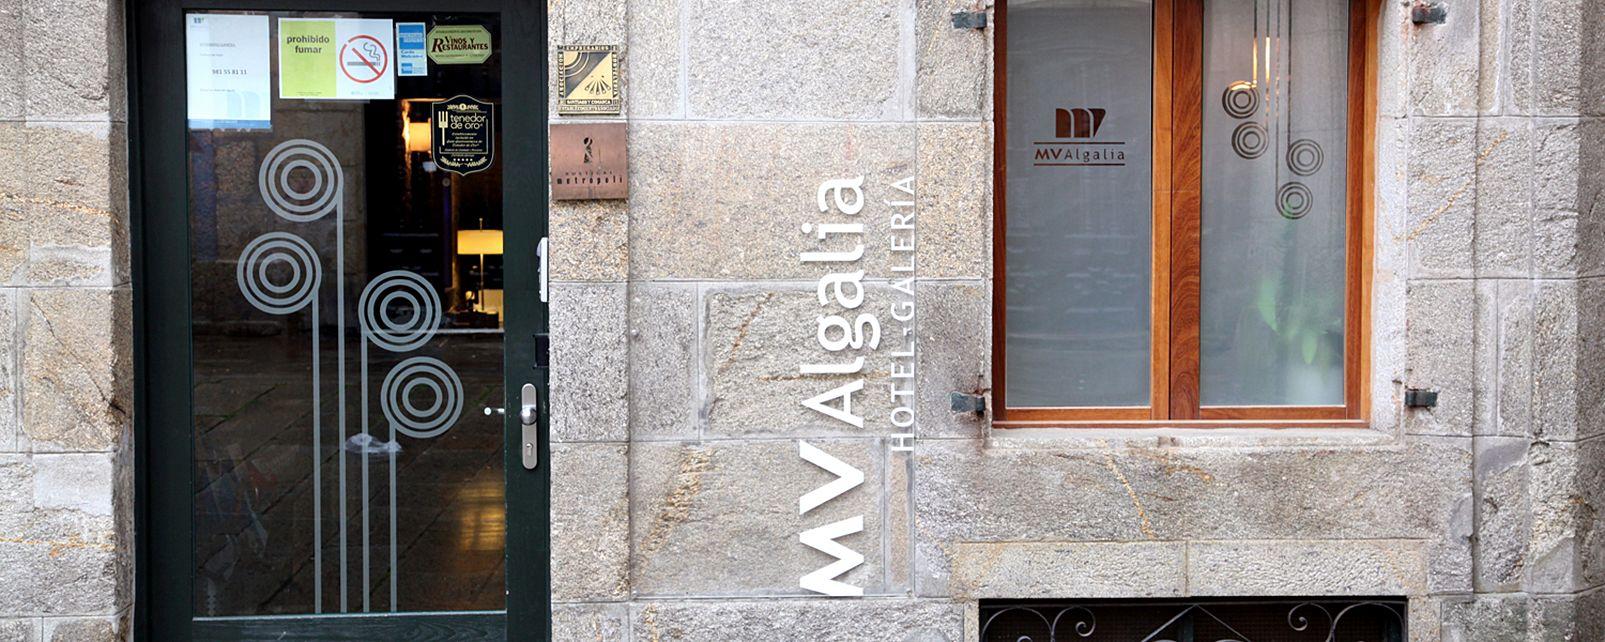 Hôtel MV Algalia